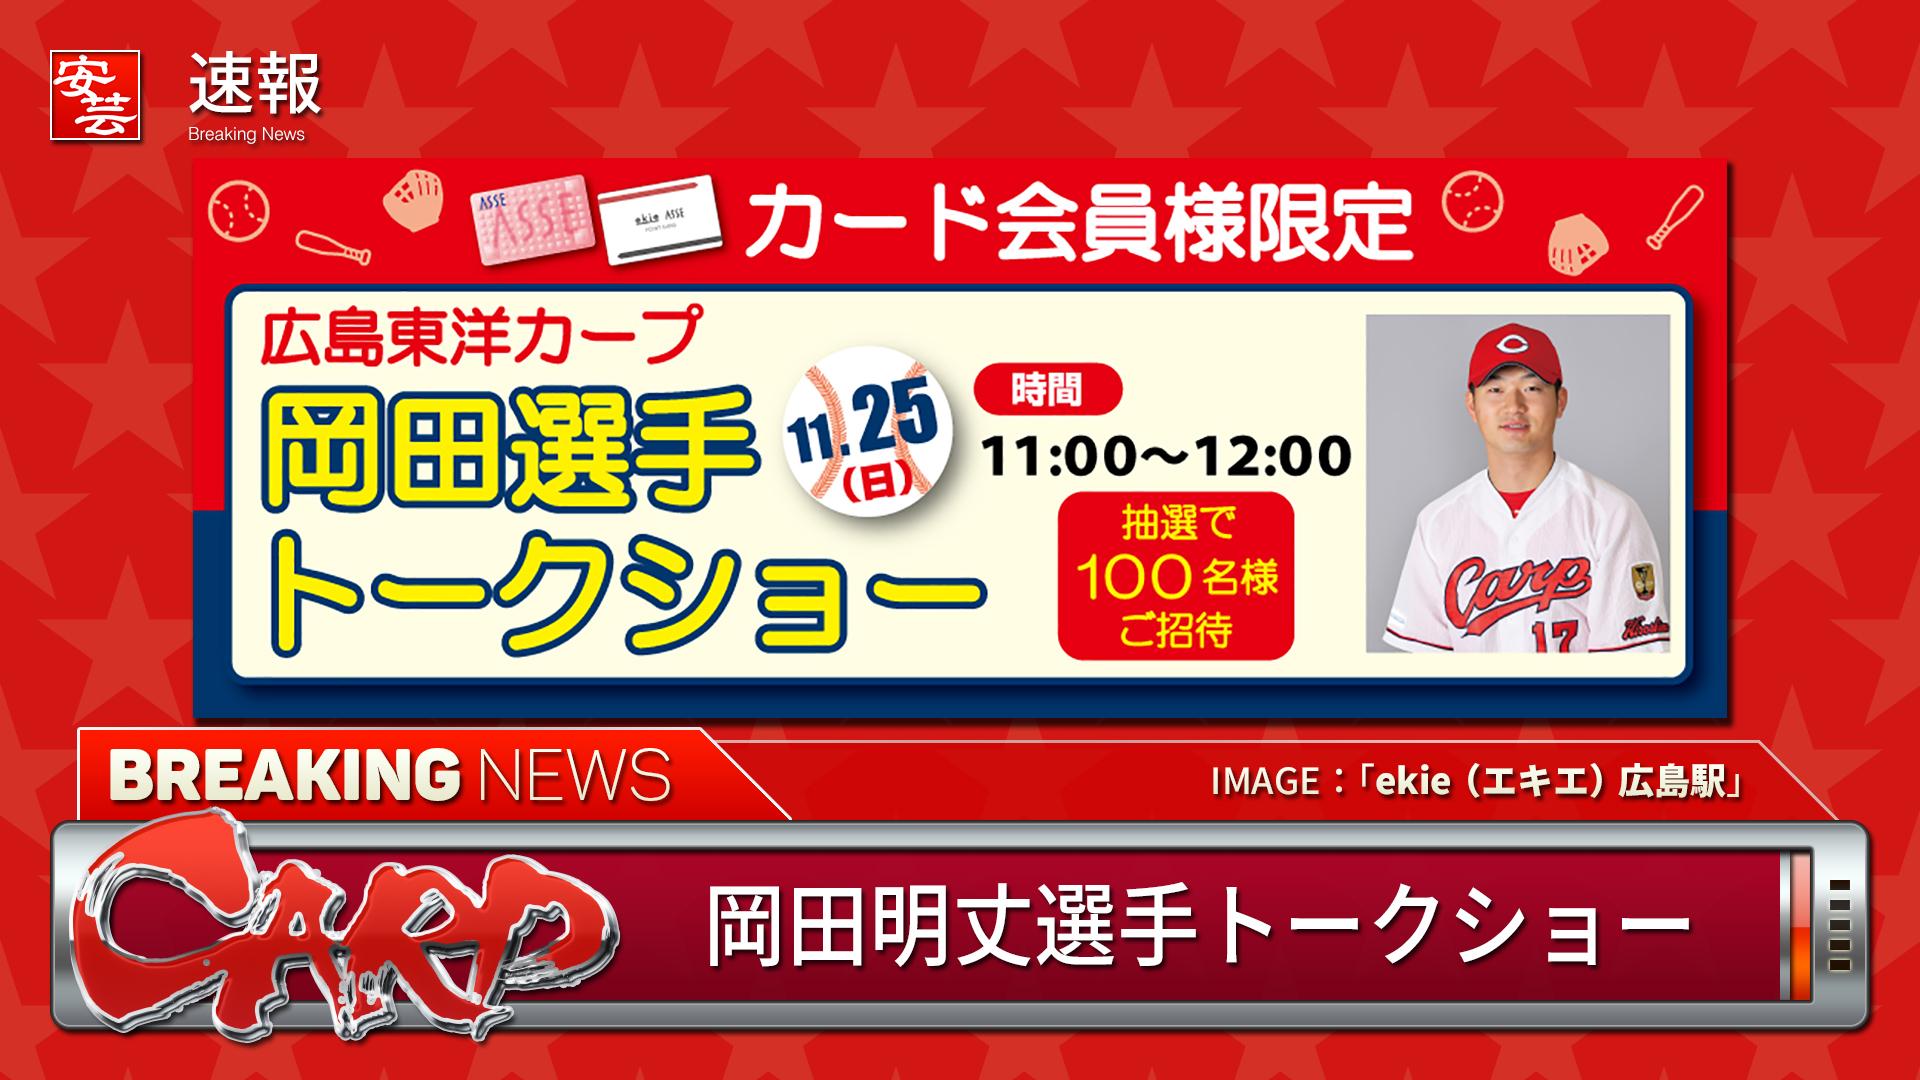 ベスト 広島 東洋 カープ 壁紙 1万 お気に入りの壁紙オプション